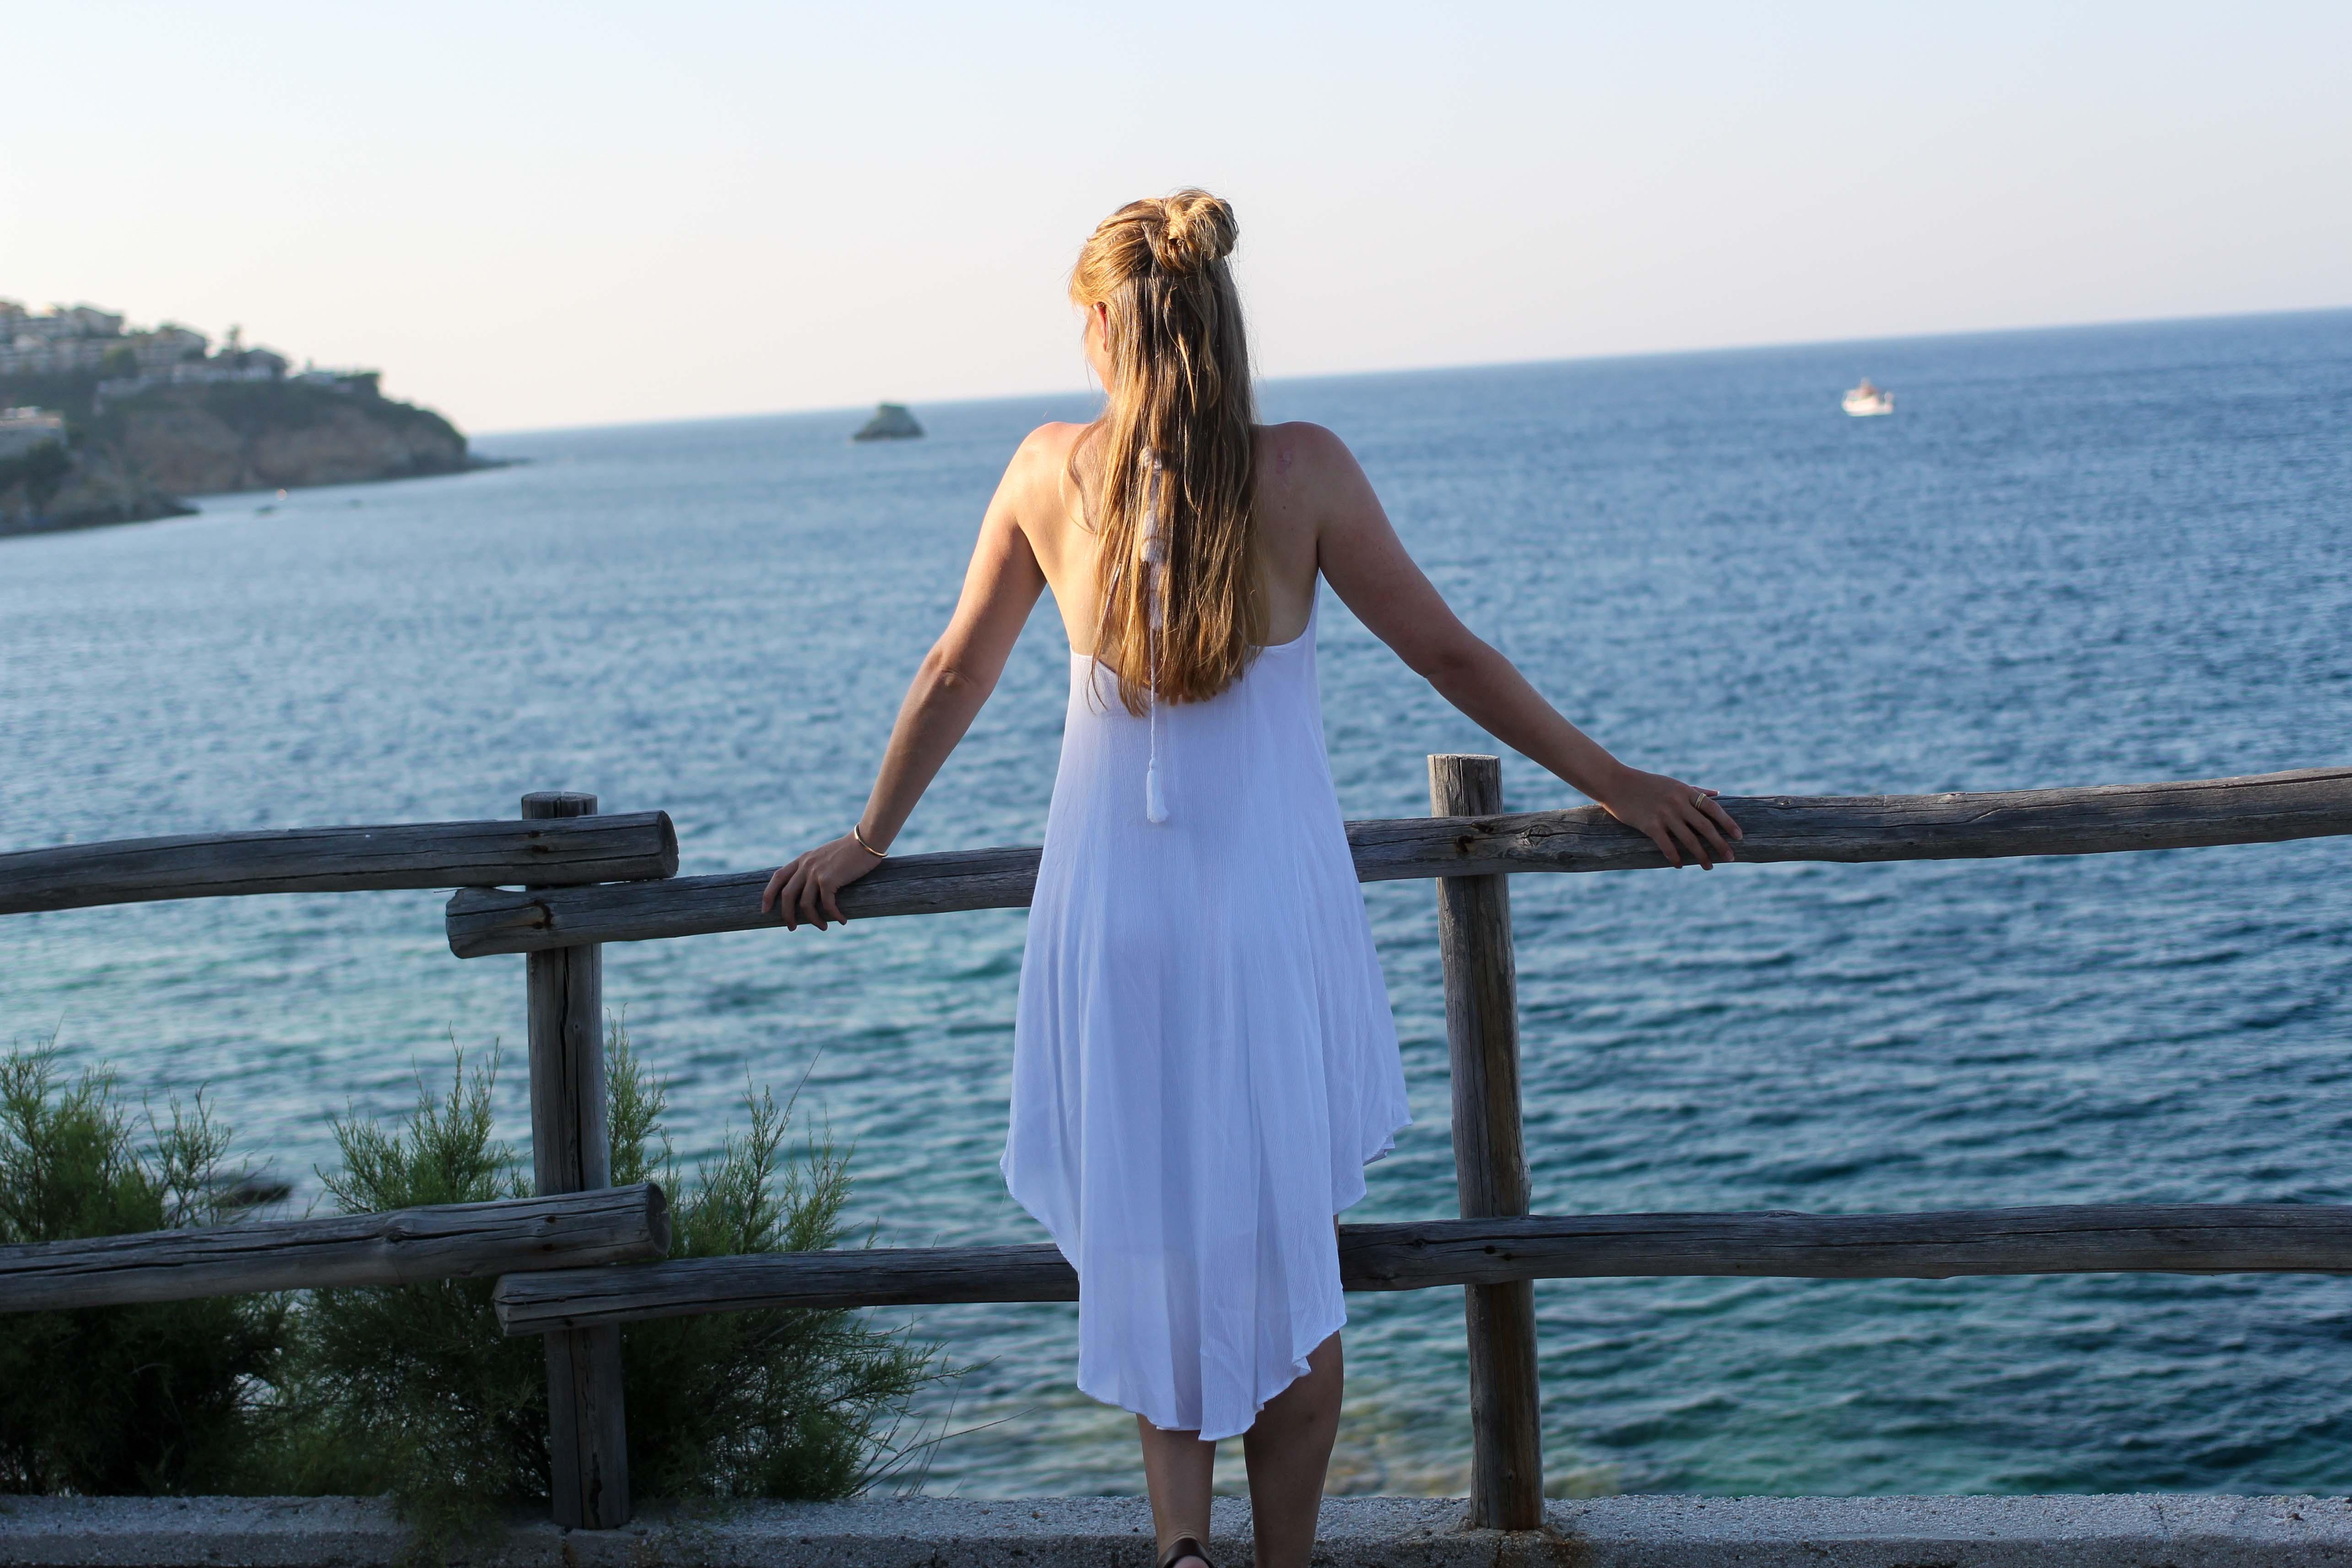 Modeblog Deuschland Fashion Blog Griechenland Kreta Sommeroutfit Blogger life weißes Kleid 7